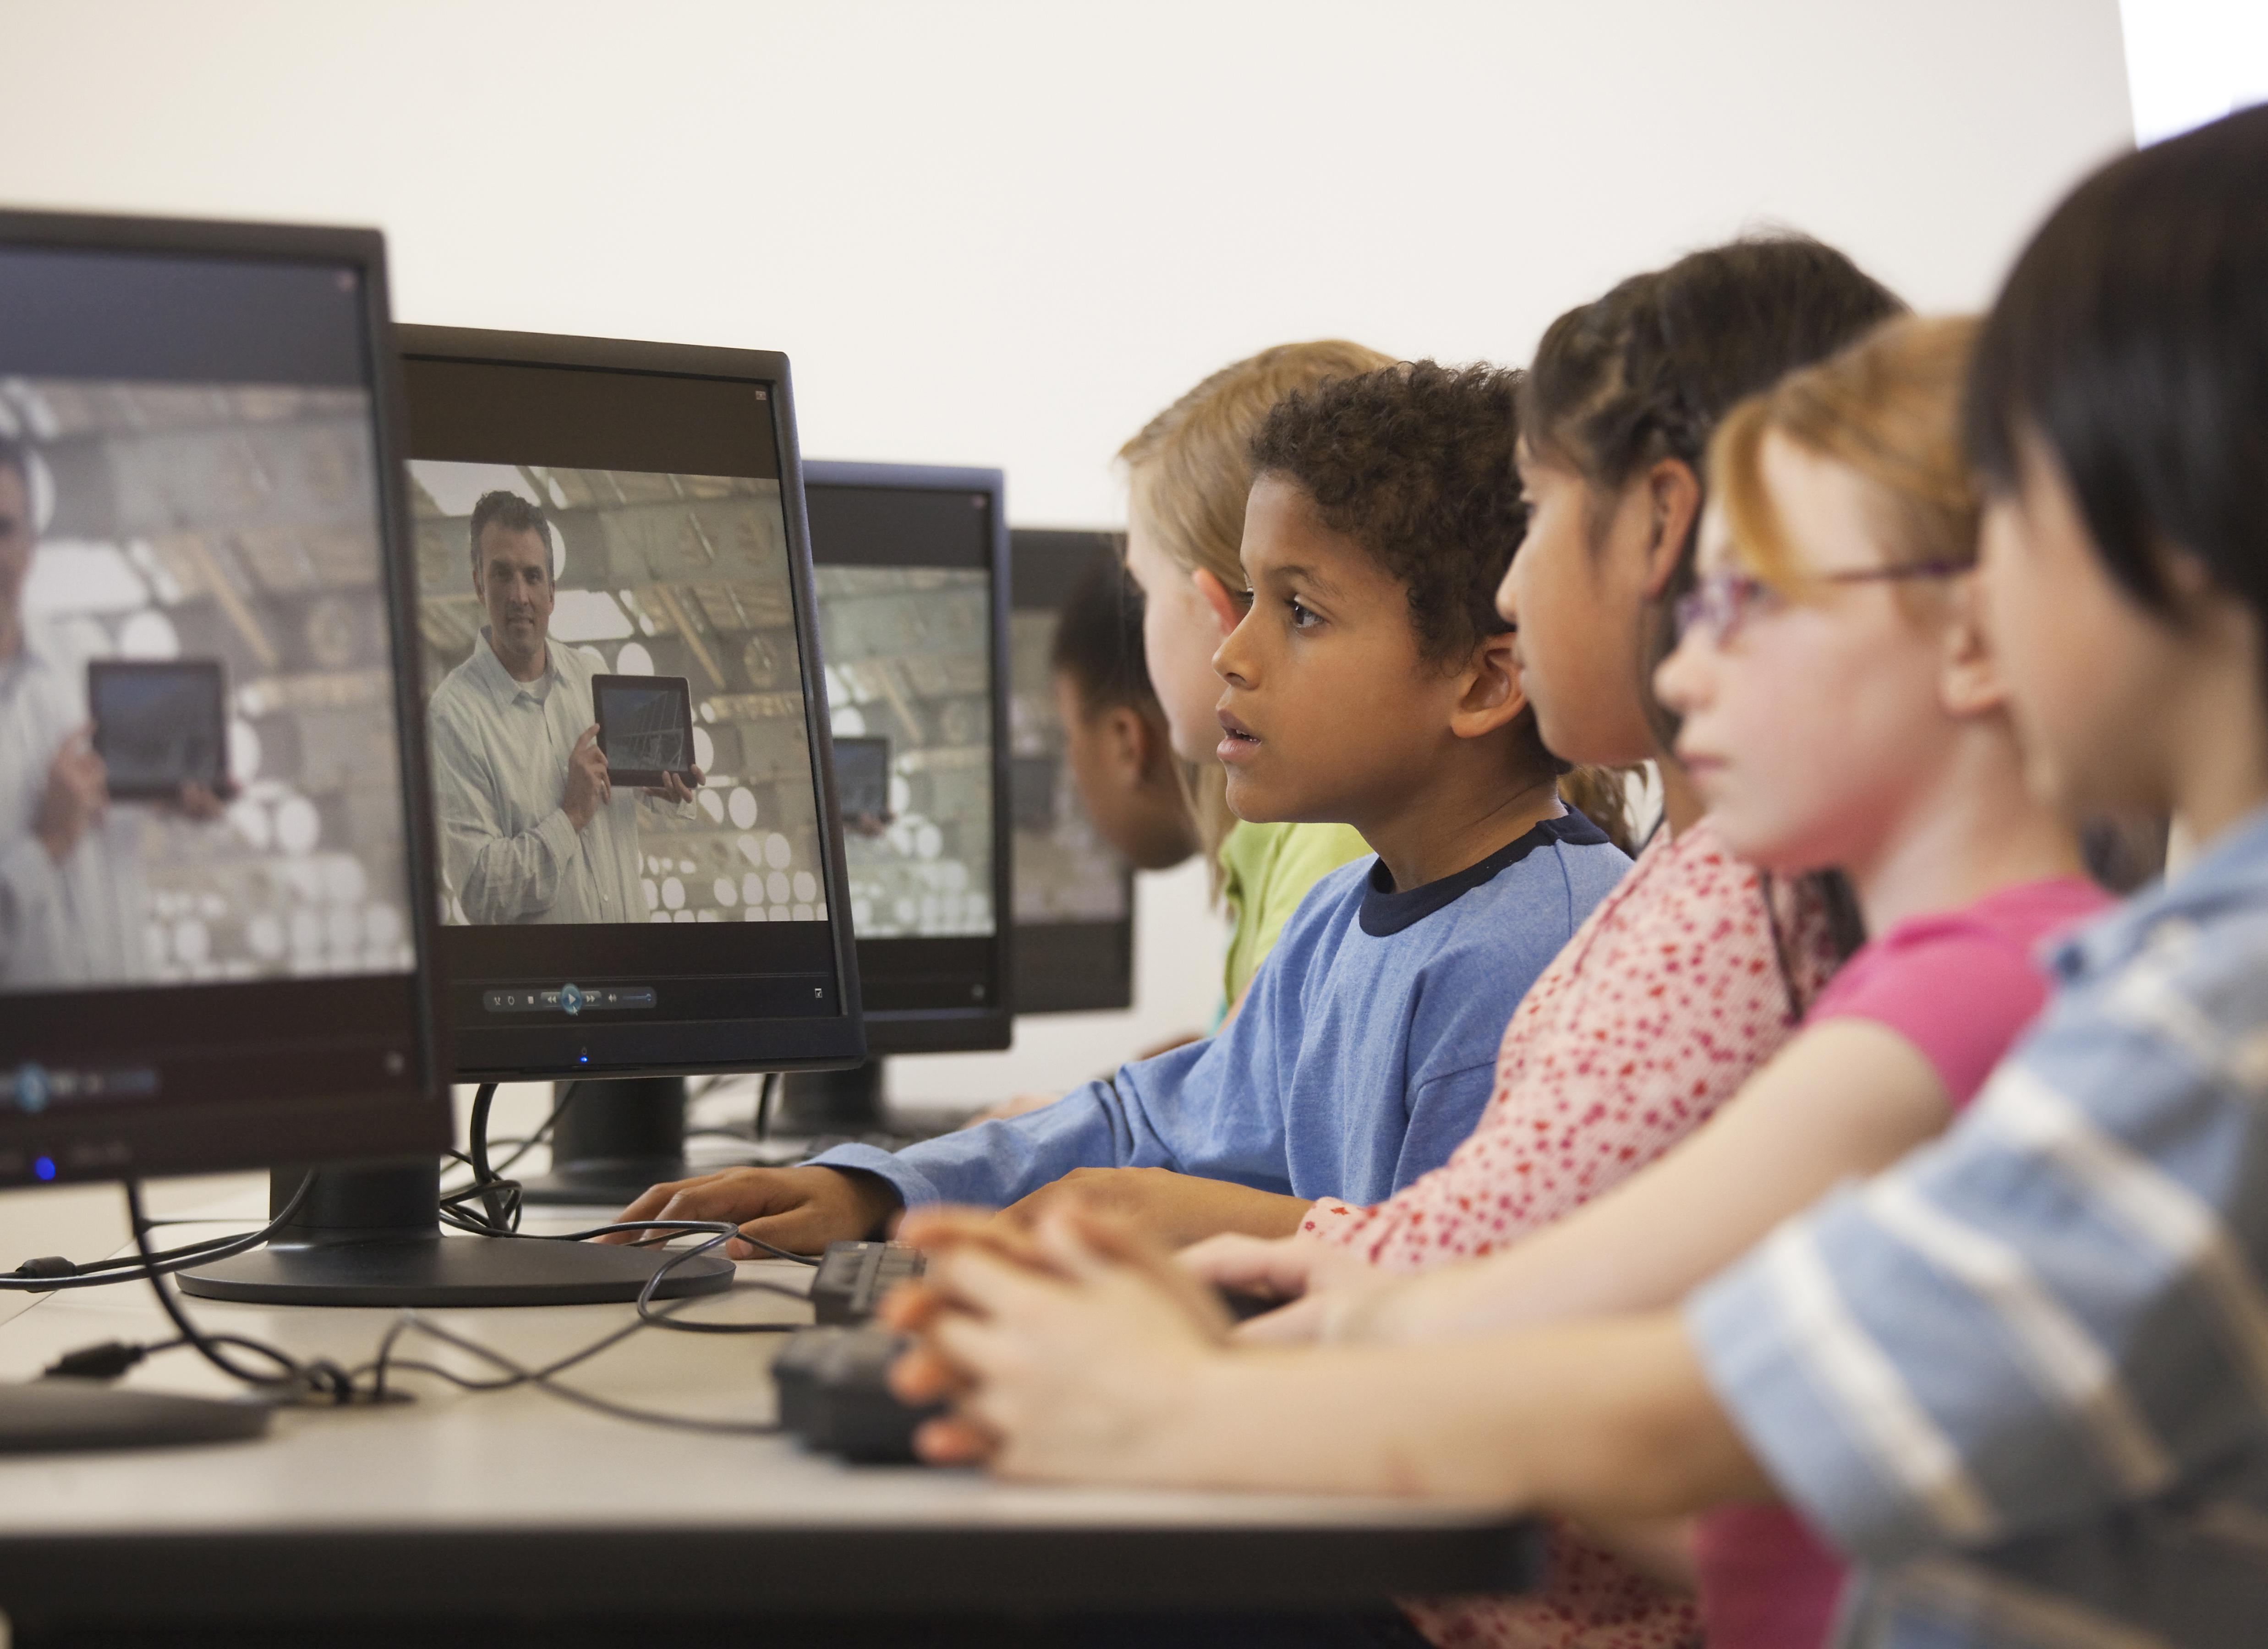 Children watching online instruction in computer lab